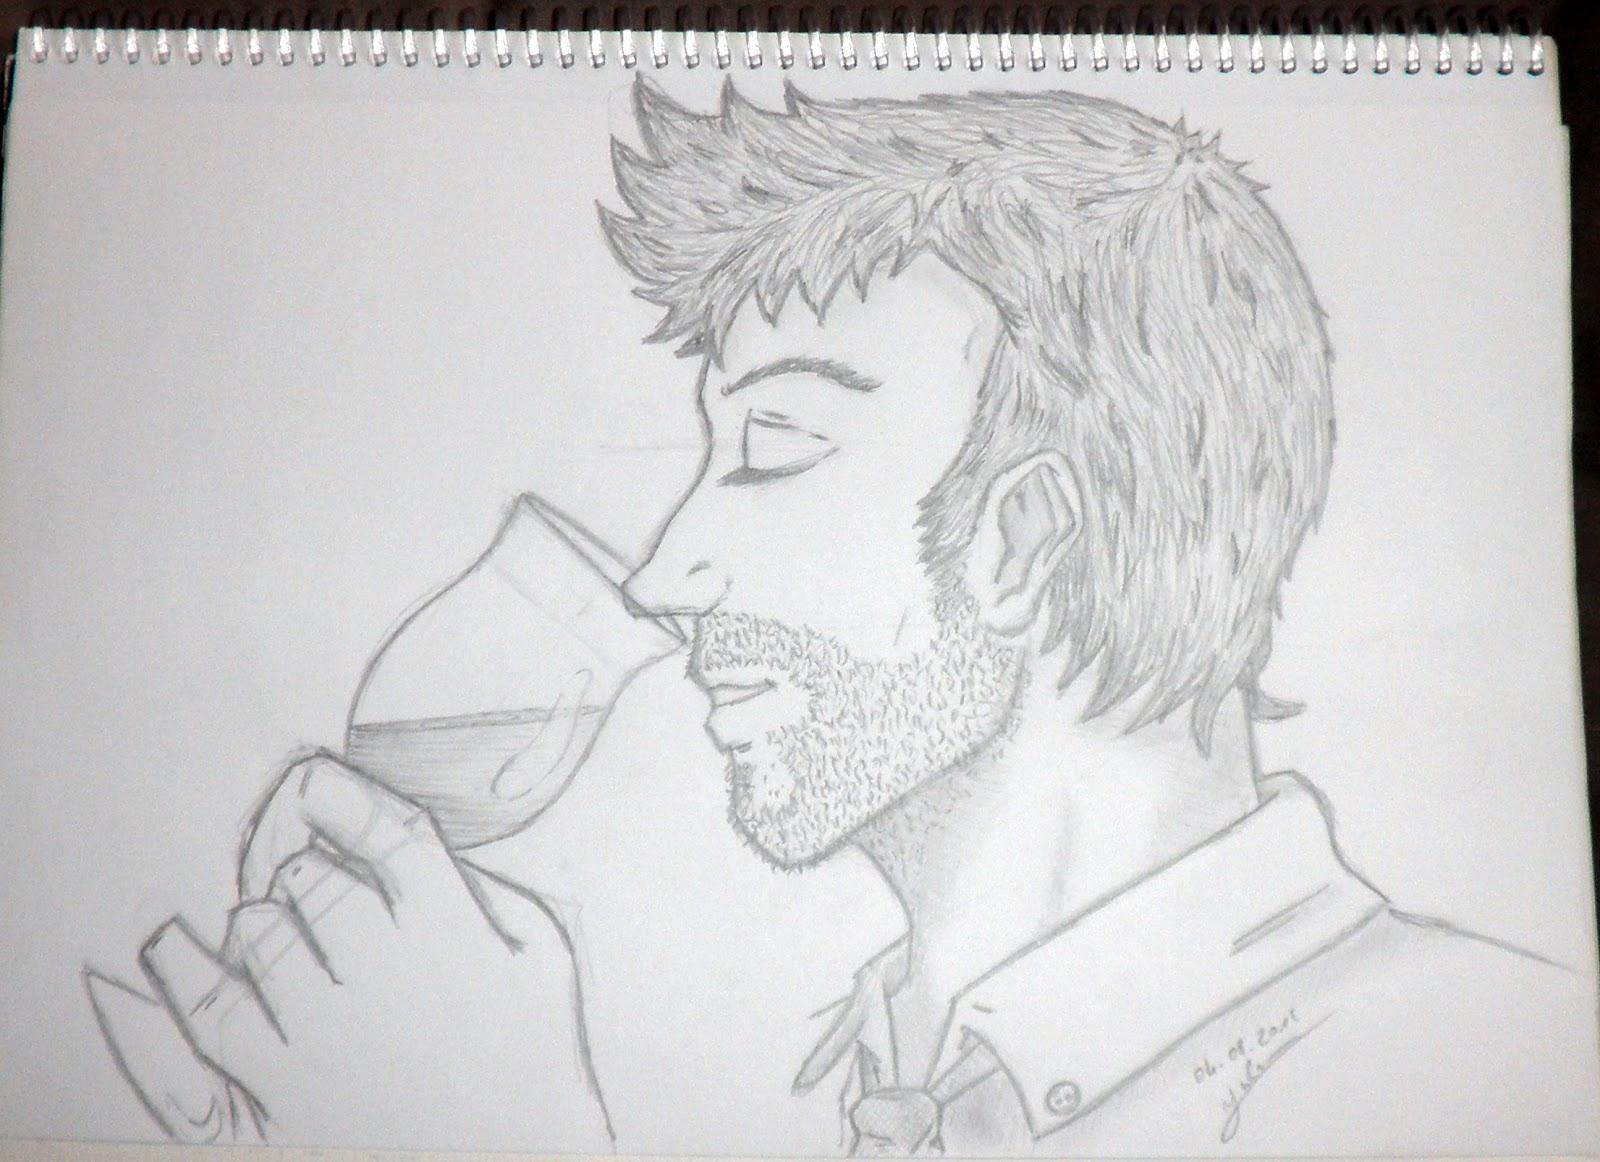 Un portrait de profil pour un tournoi de dessin chez - Dessin de profil ...